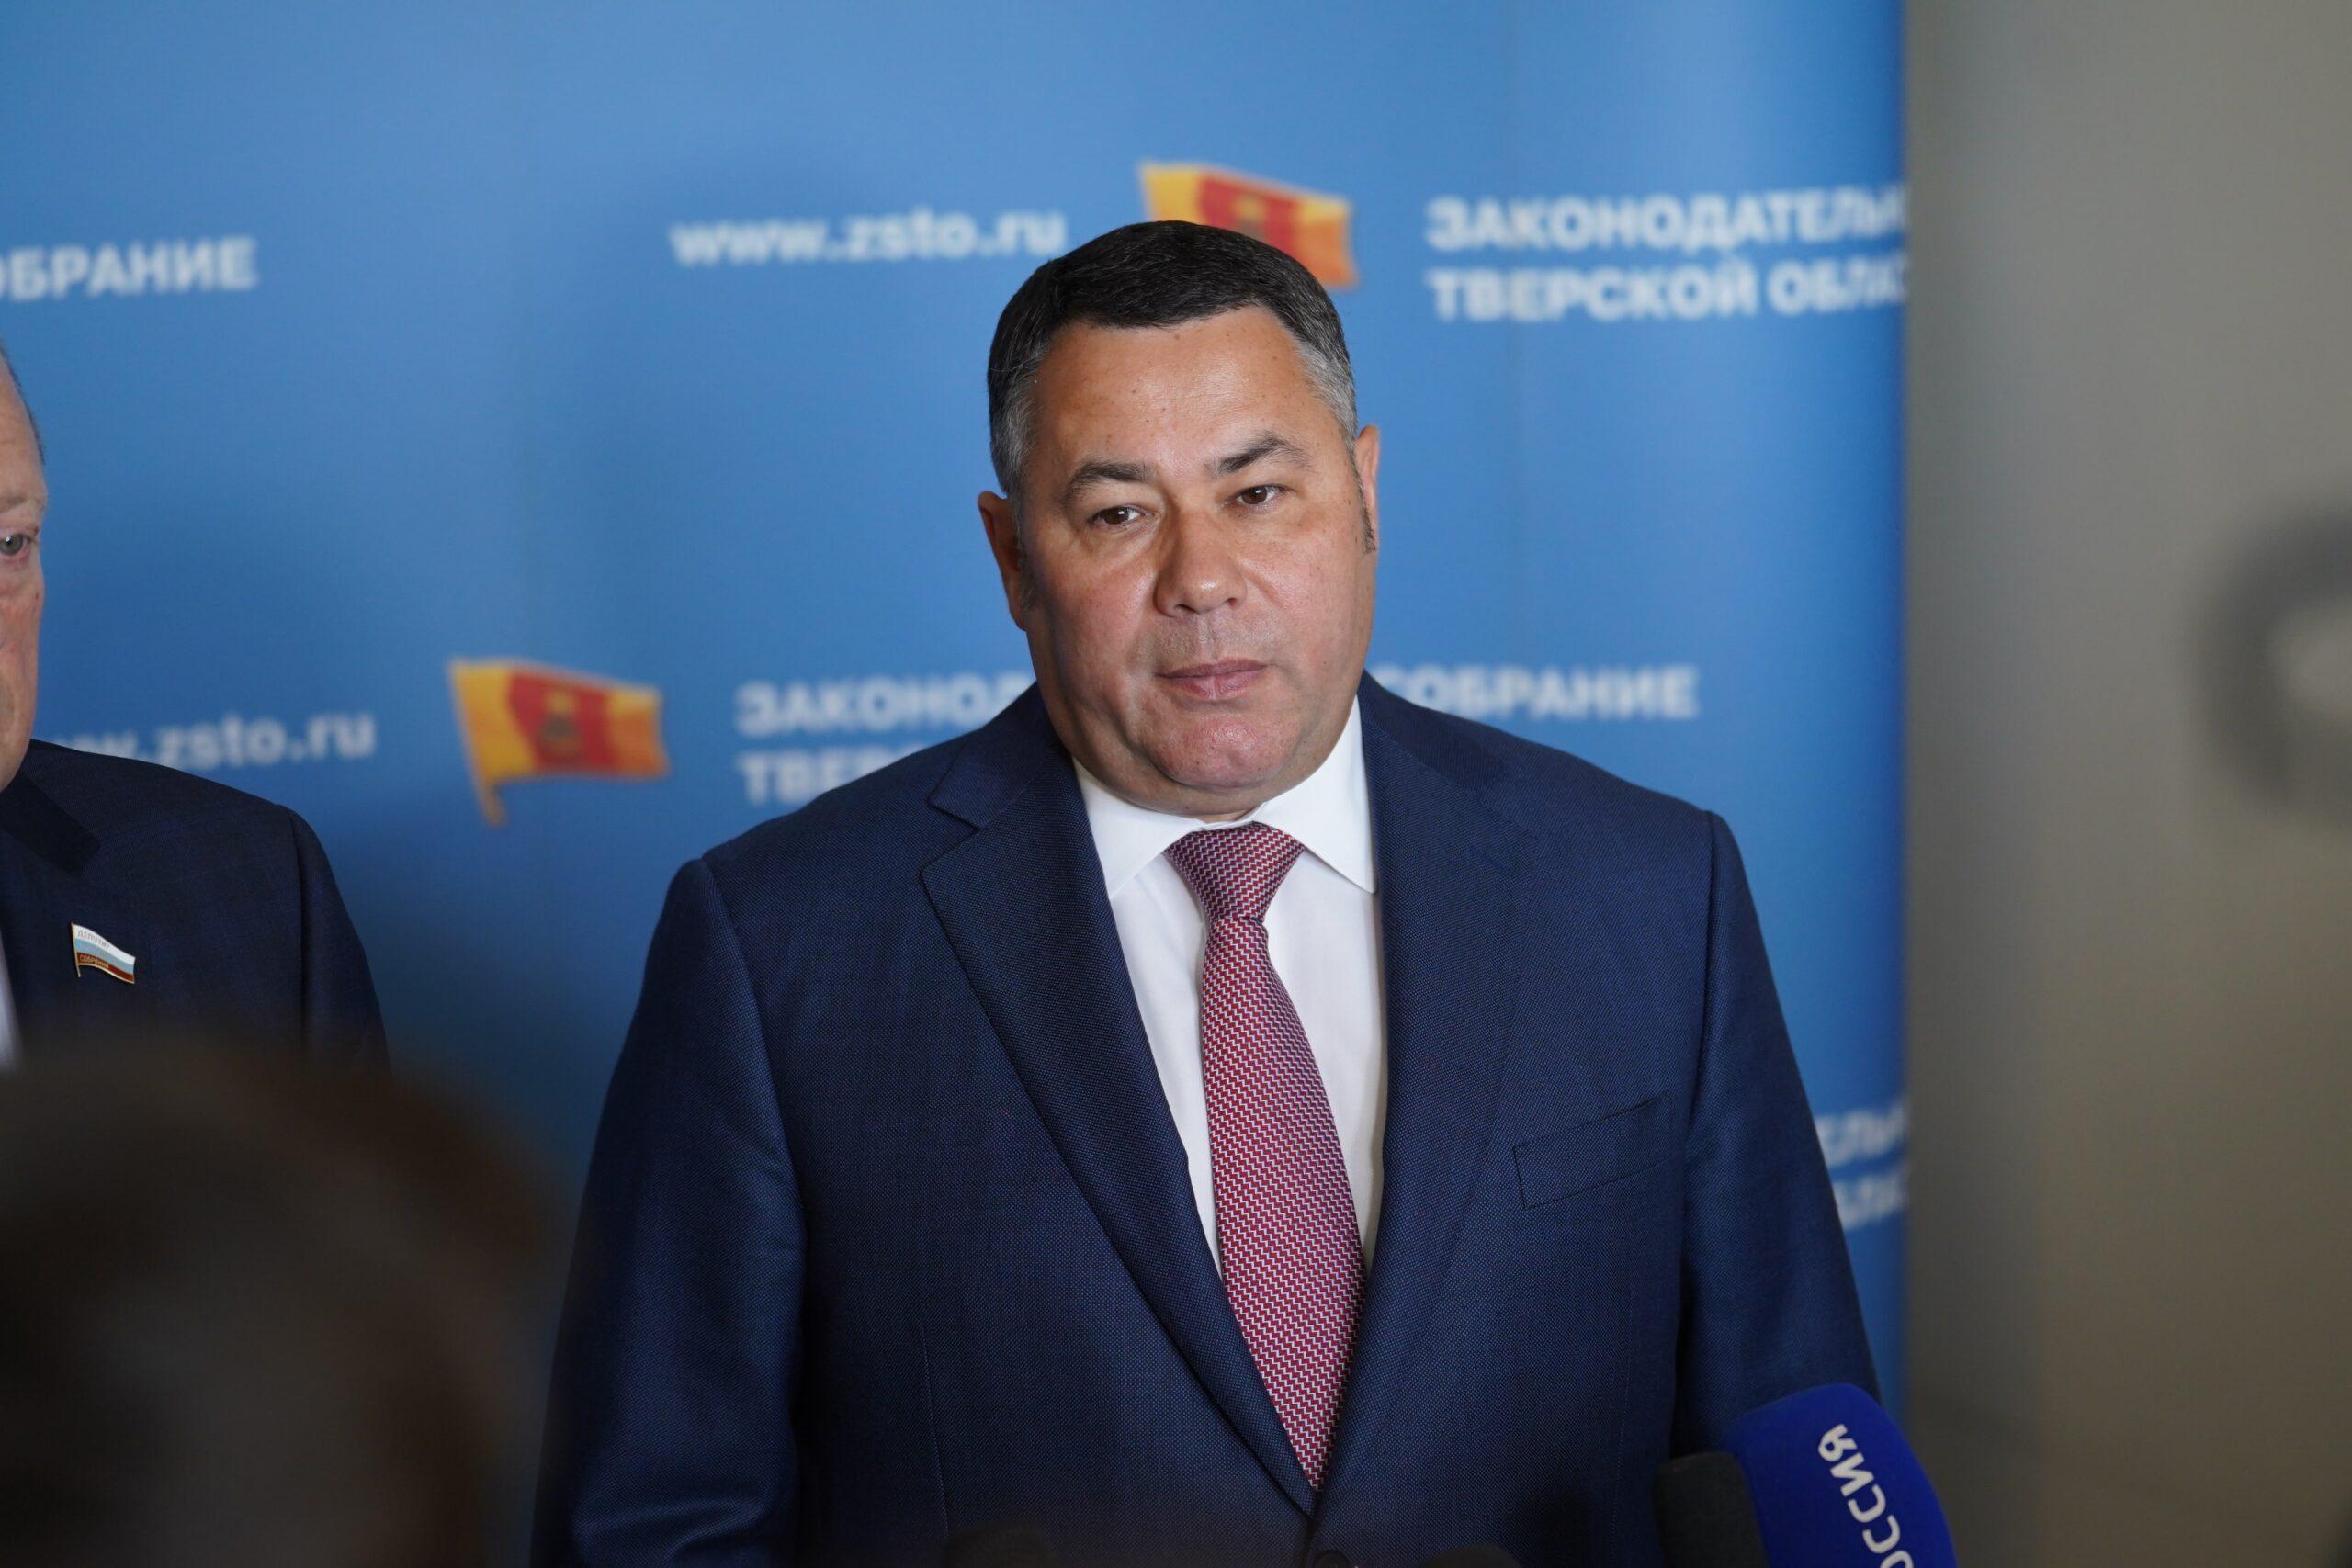 Игорь Руденя рассказал, с чем Тверская область завершила первый пандемийный год